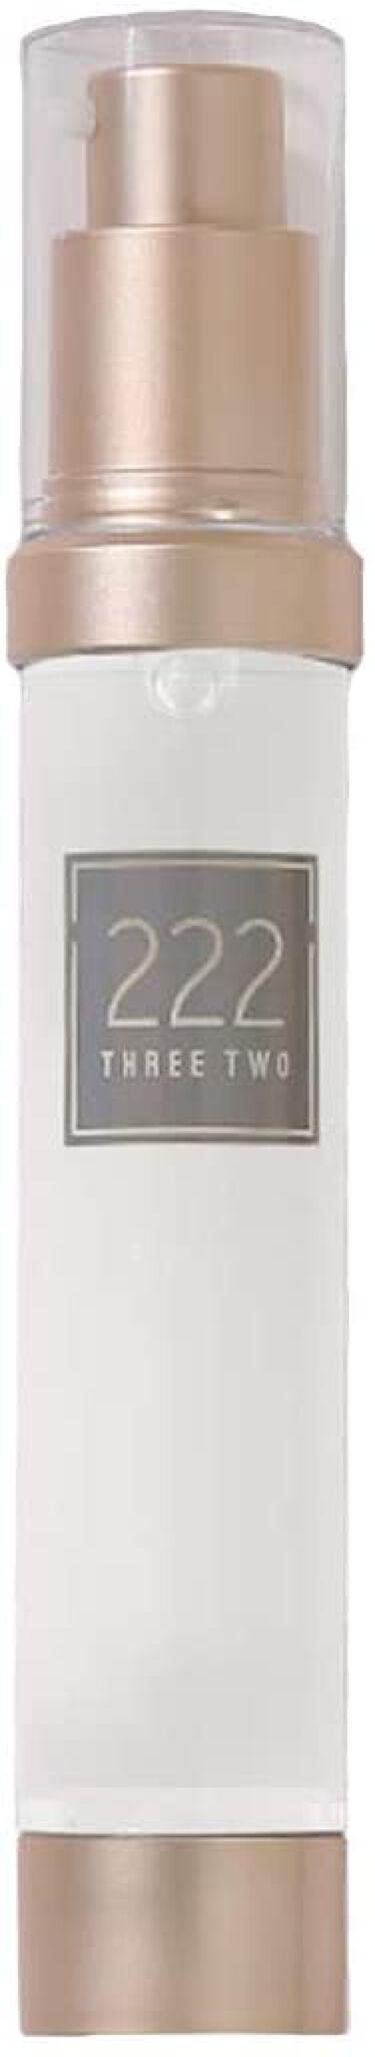 222(スリーツー)リズムメイクセラム 222